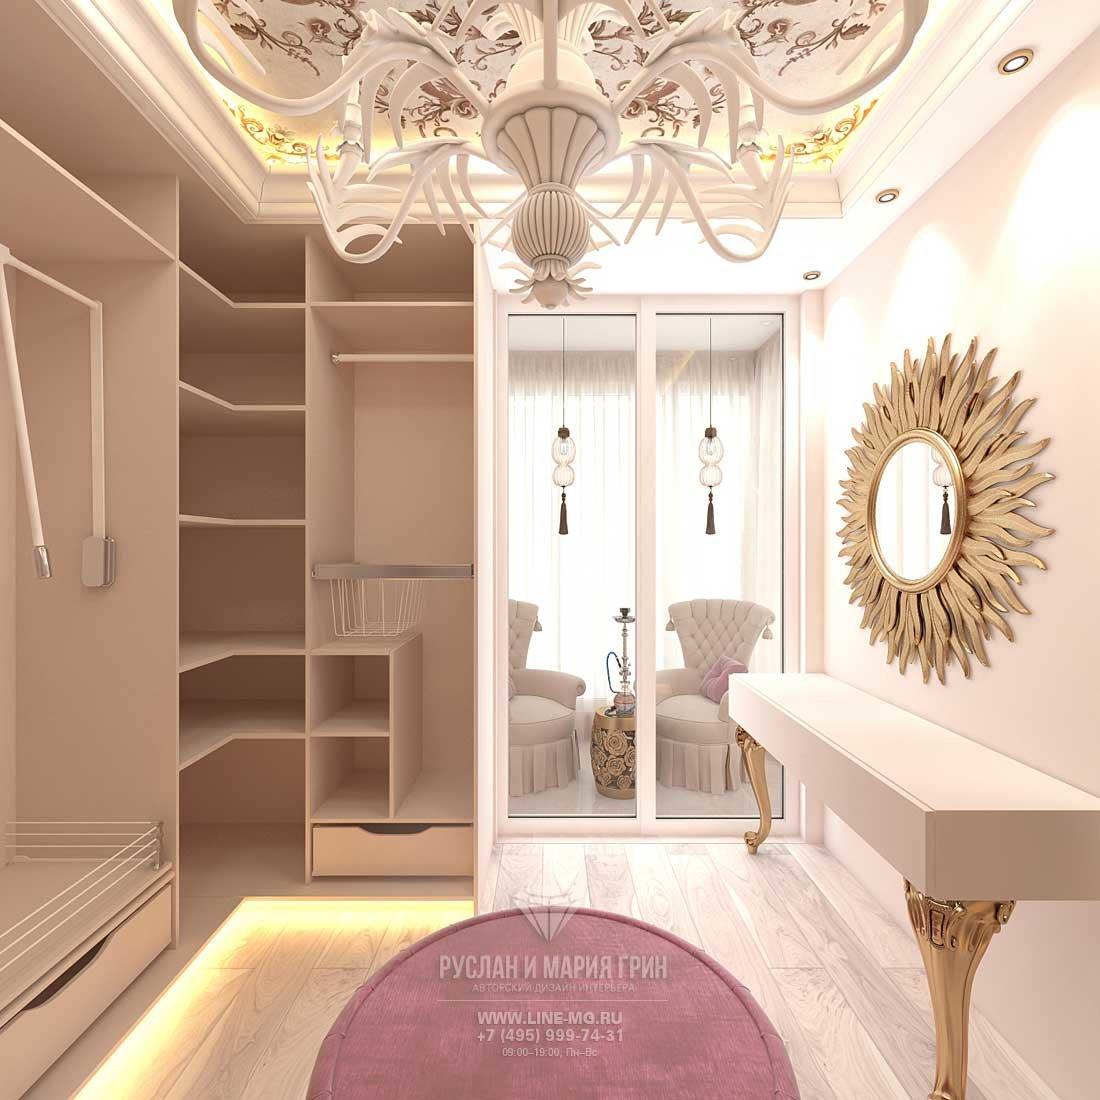 Стиль модерн в интерьере [95 фото примеров] - современный модерн дизайн в интерьере квартиры, дома